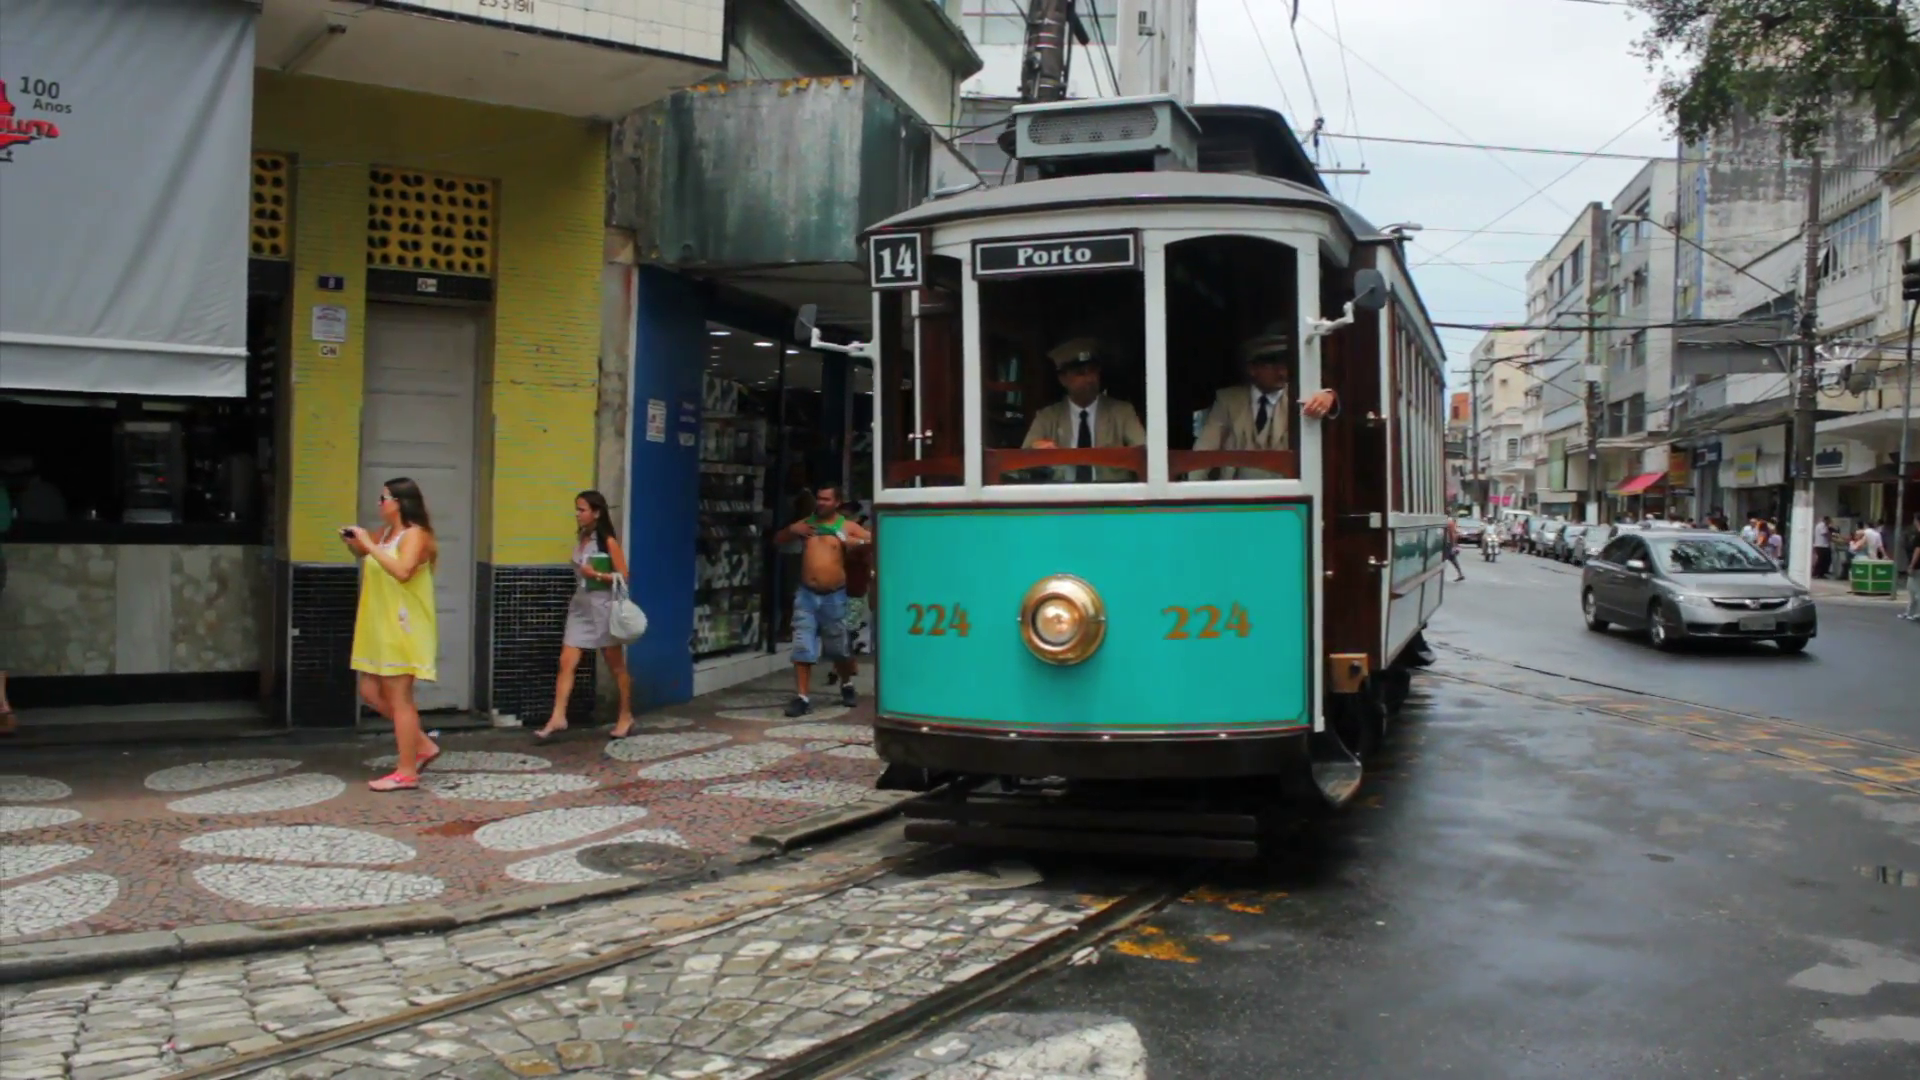 Brazilian Heritage Tramway System city tour of Santos Sao Paulo 1920x1080